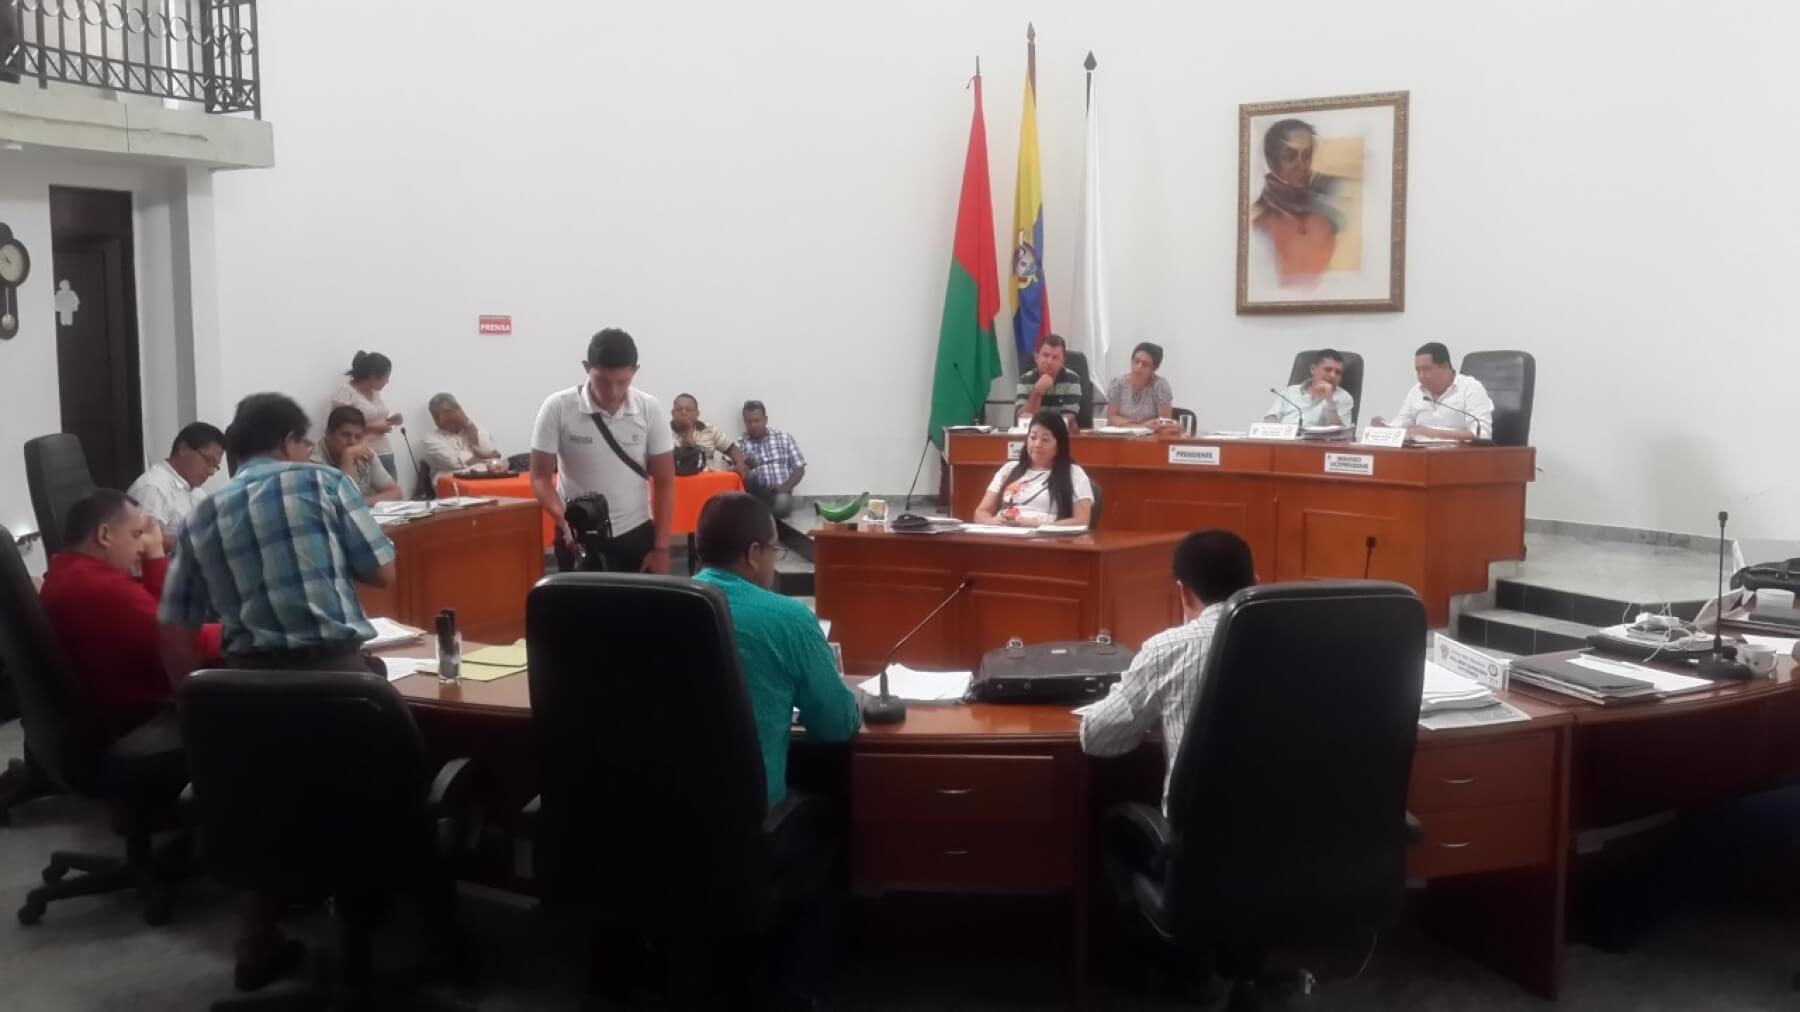 La Asamblea dará hoy segundo debate a la política pública de empleo del Departamento. Será la columna vertebral de todo el proceso.